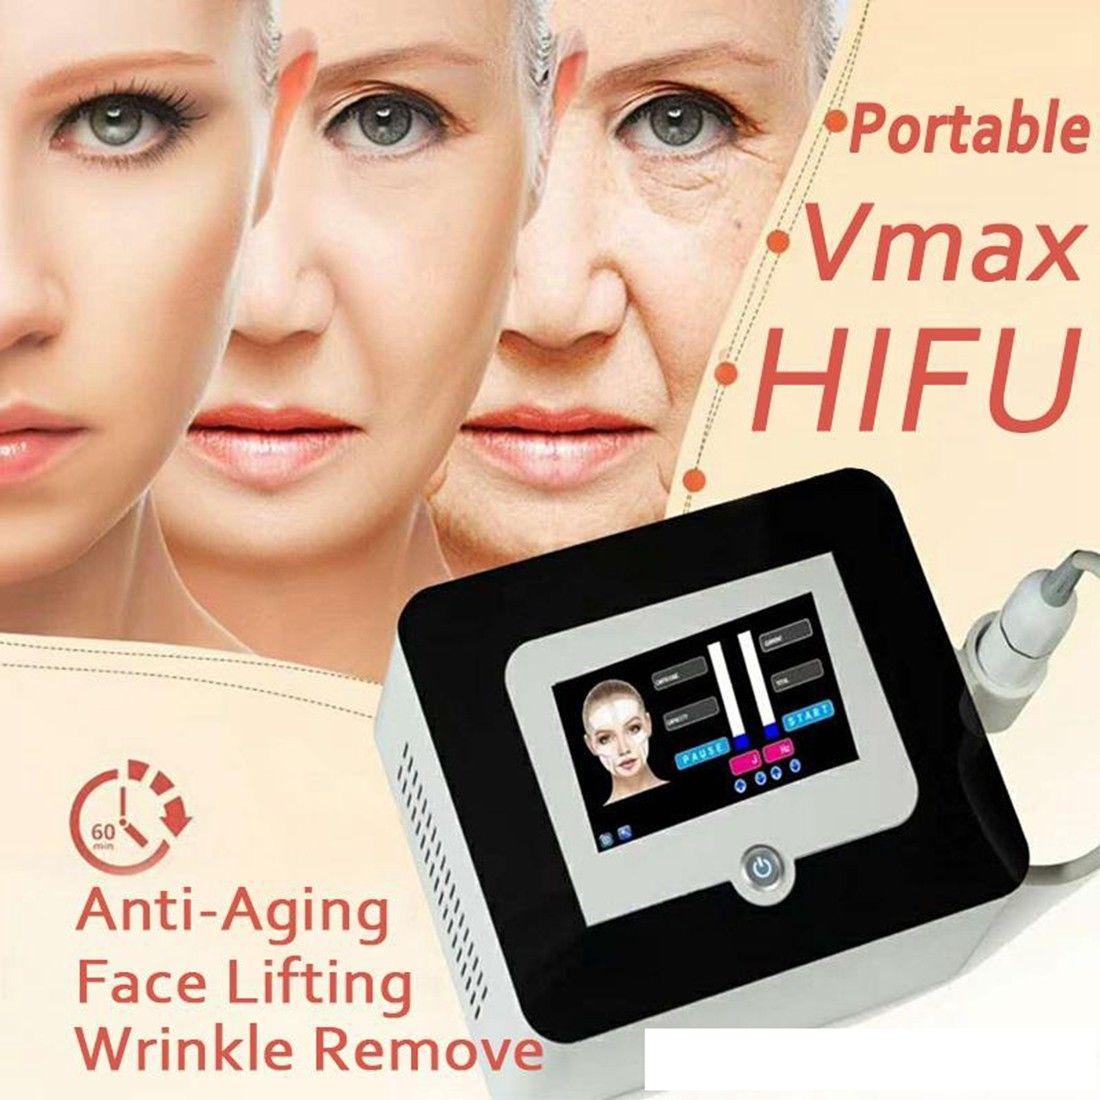 Высокое качество!!! Хорошие результаты Hifu Face Lift High Intensity Focused Ультразвук Anti Aging морщины удаление Vmax Hifu машина картридж Советов